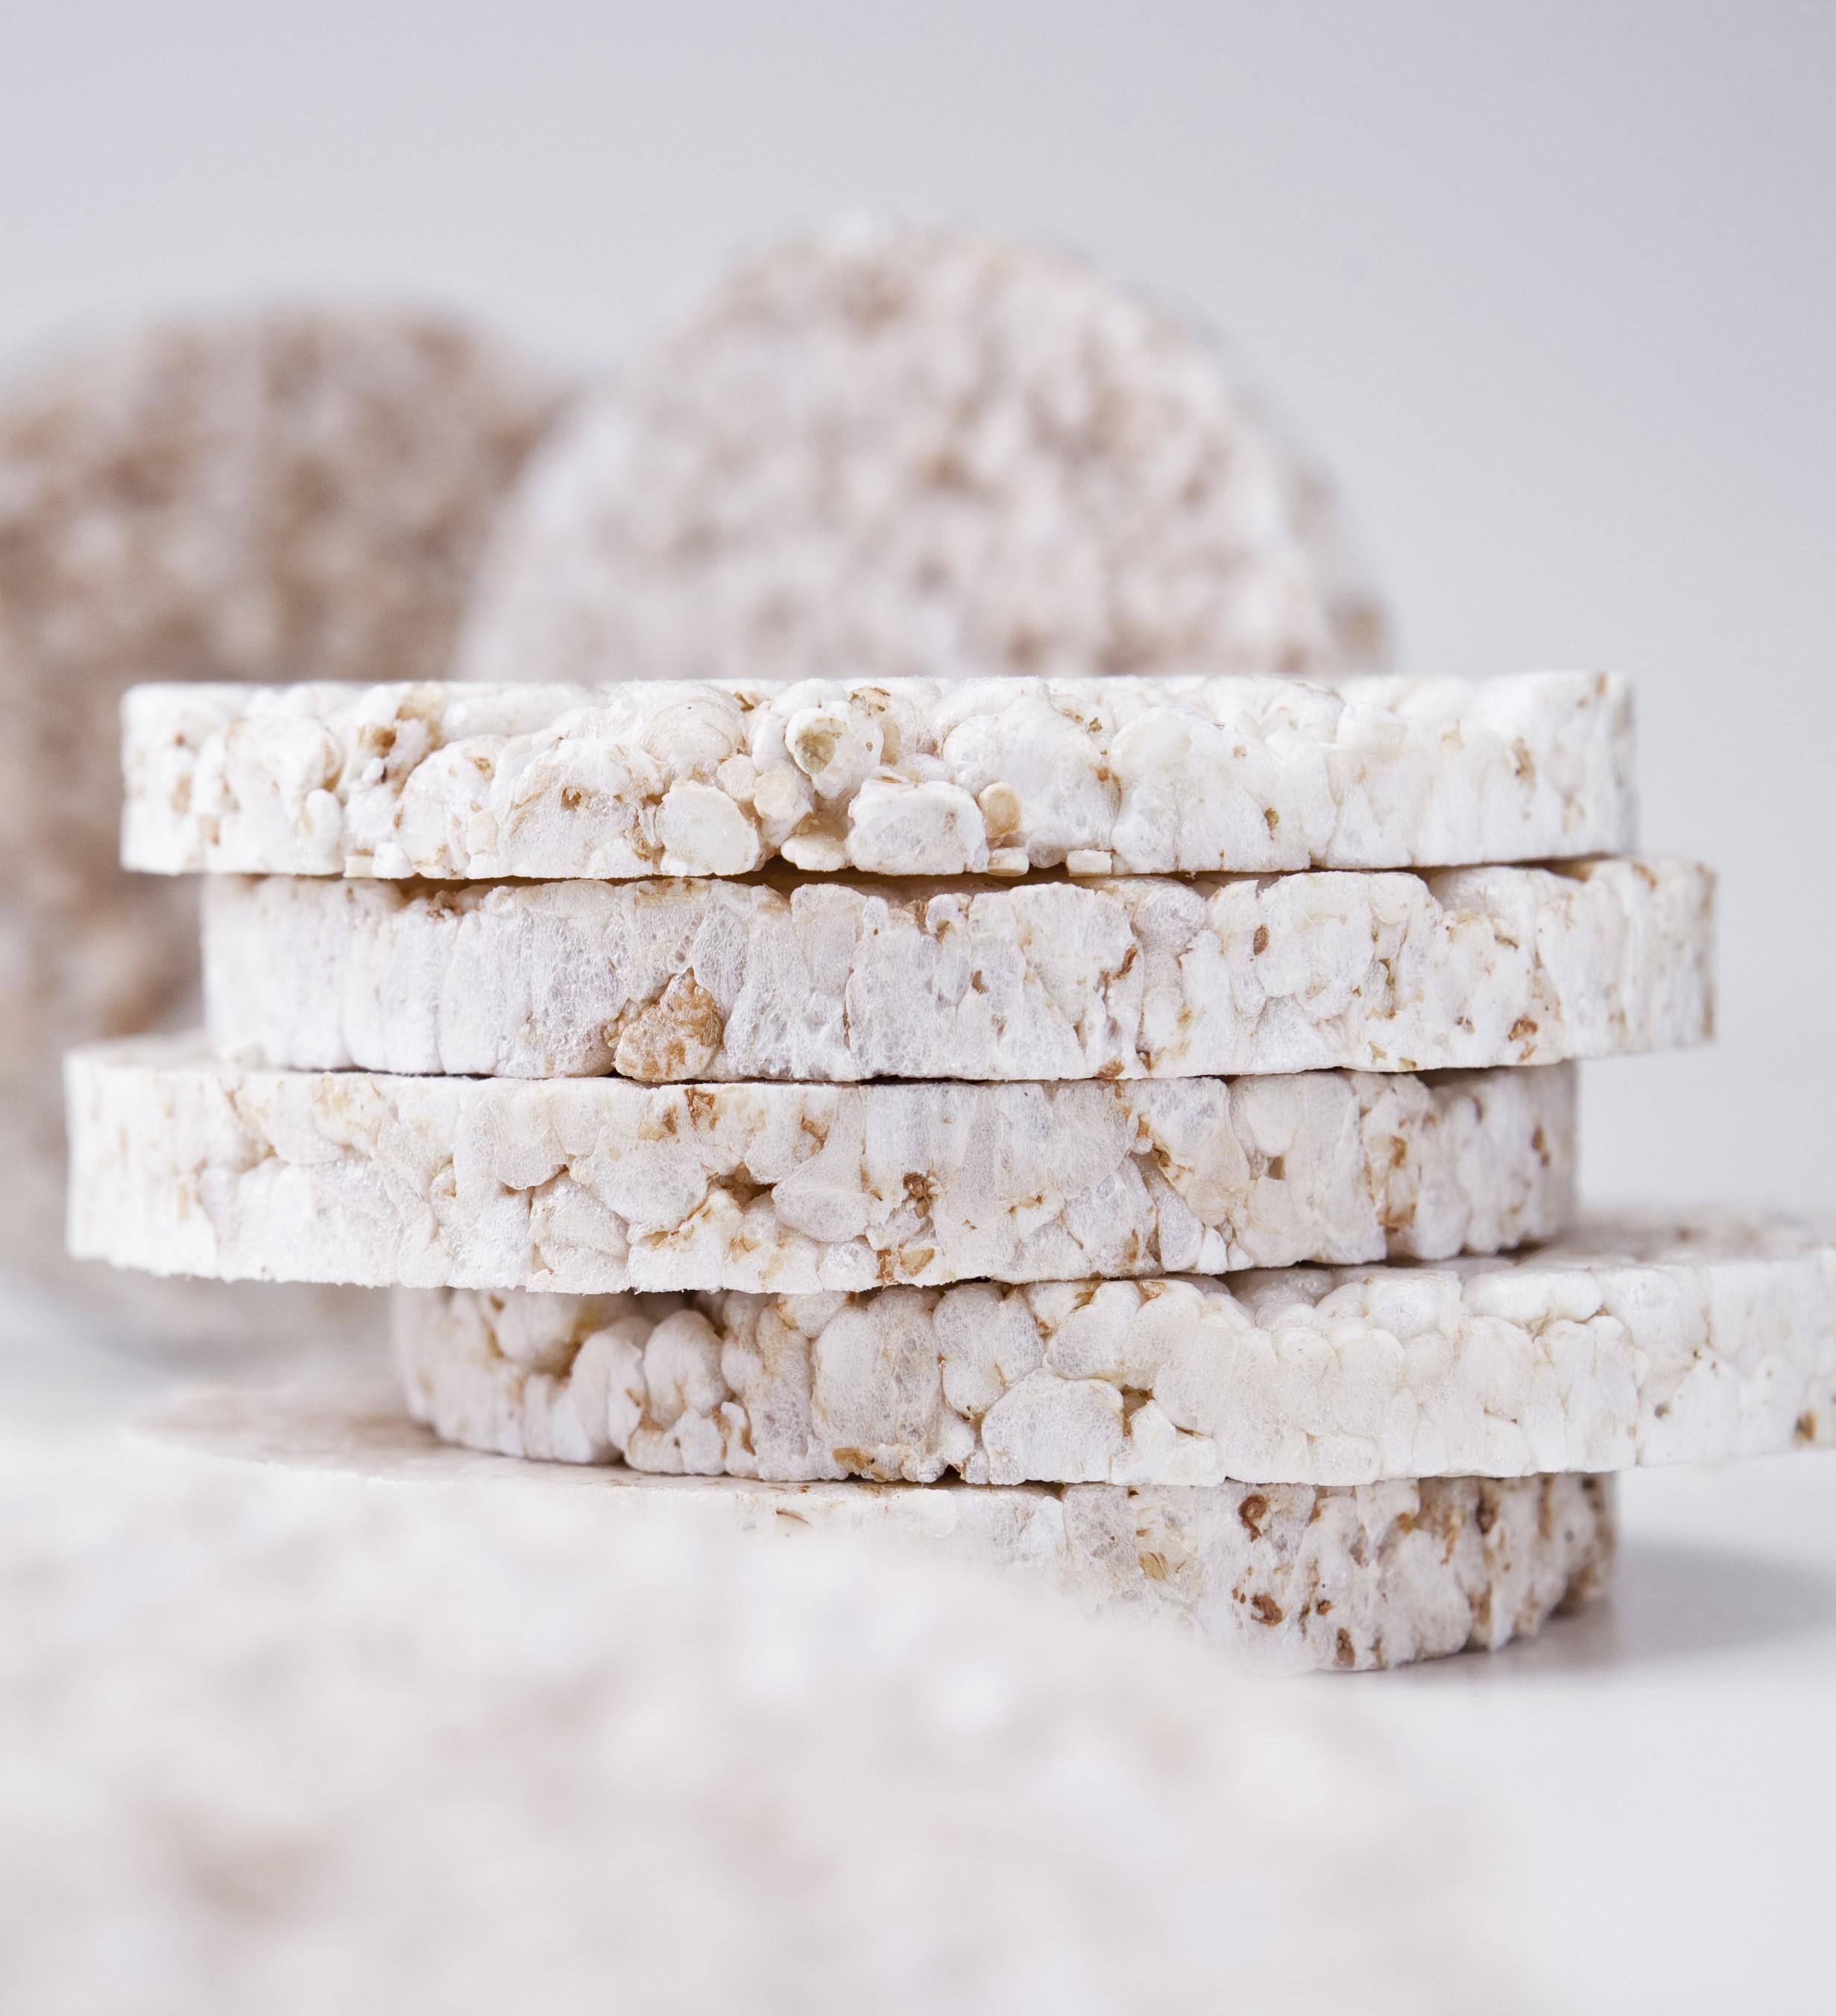 Reiswaffeln ohne Fructose, ideal in der Karenzzeit, 10 hilfreiche Tipps für die Karenzzeit